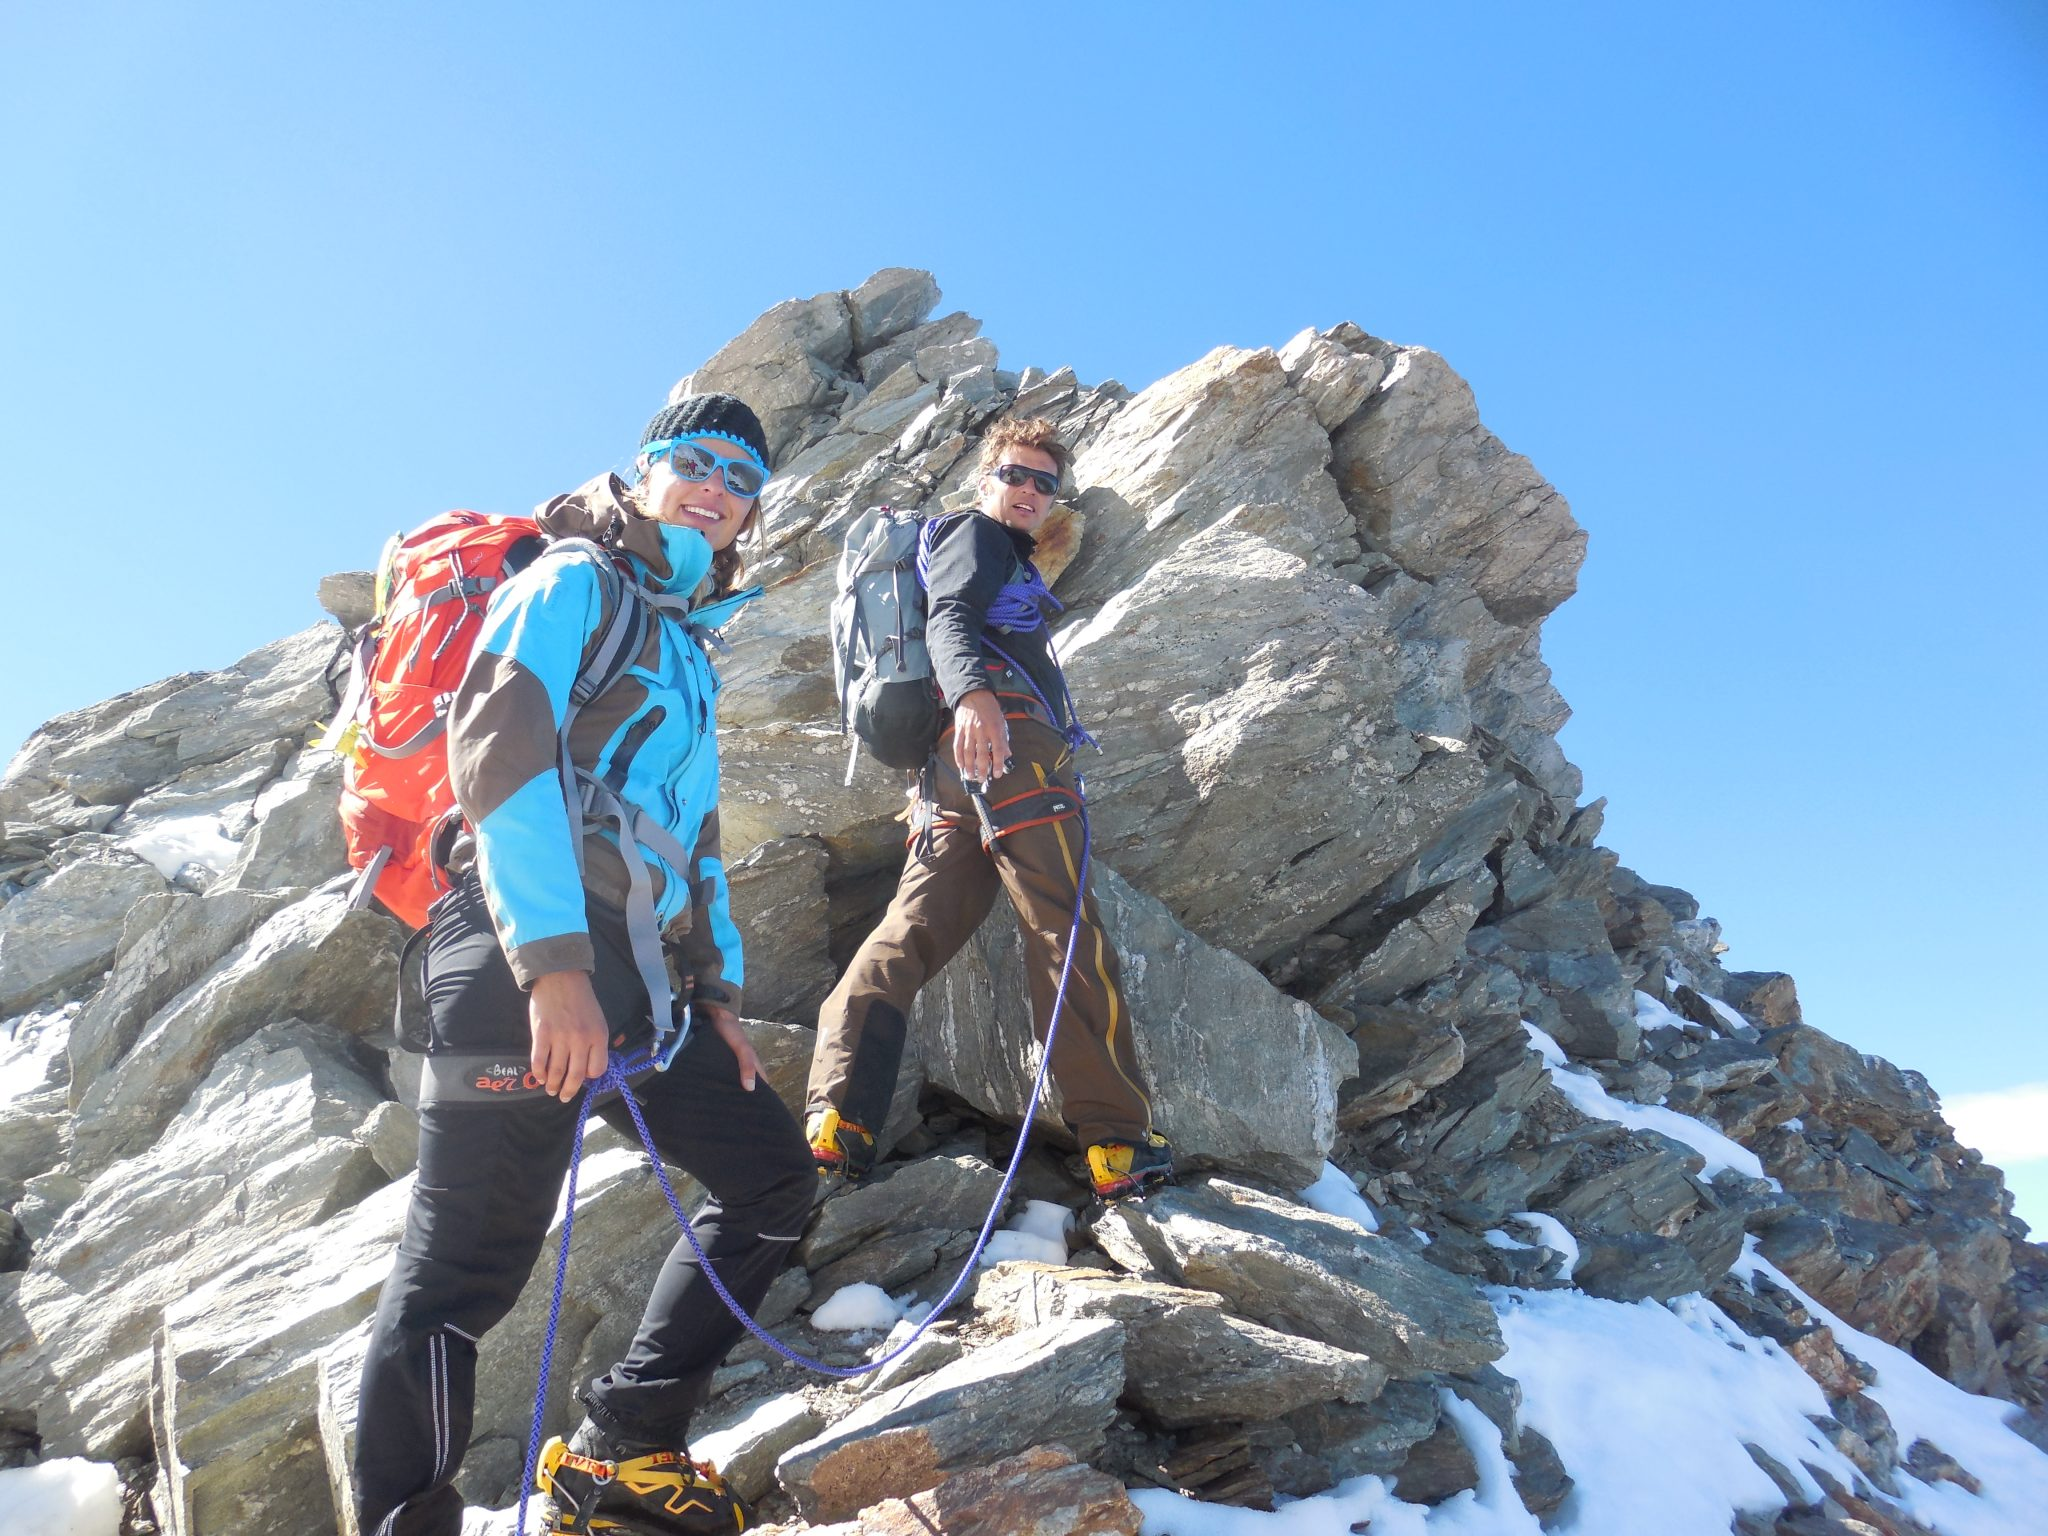 happy-women-mountains-femme-montagne-skieuse-randonnée -alpinisme-grimpe-escalade